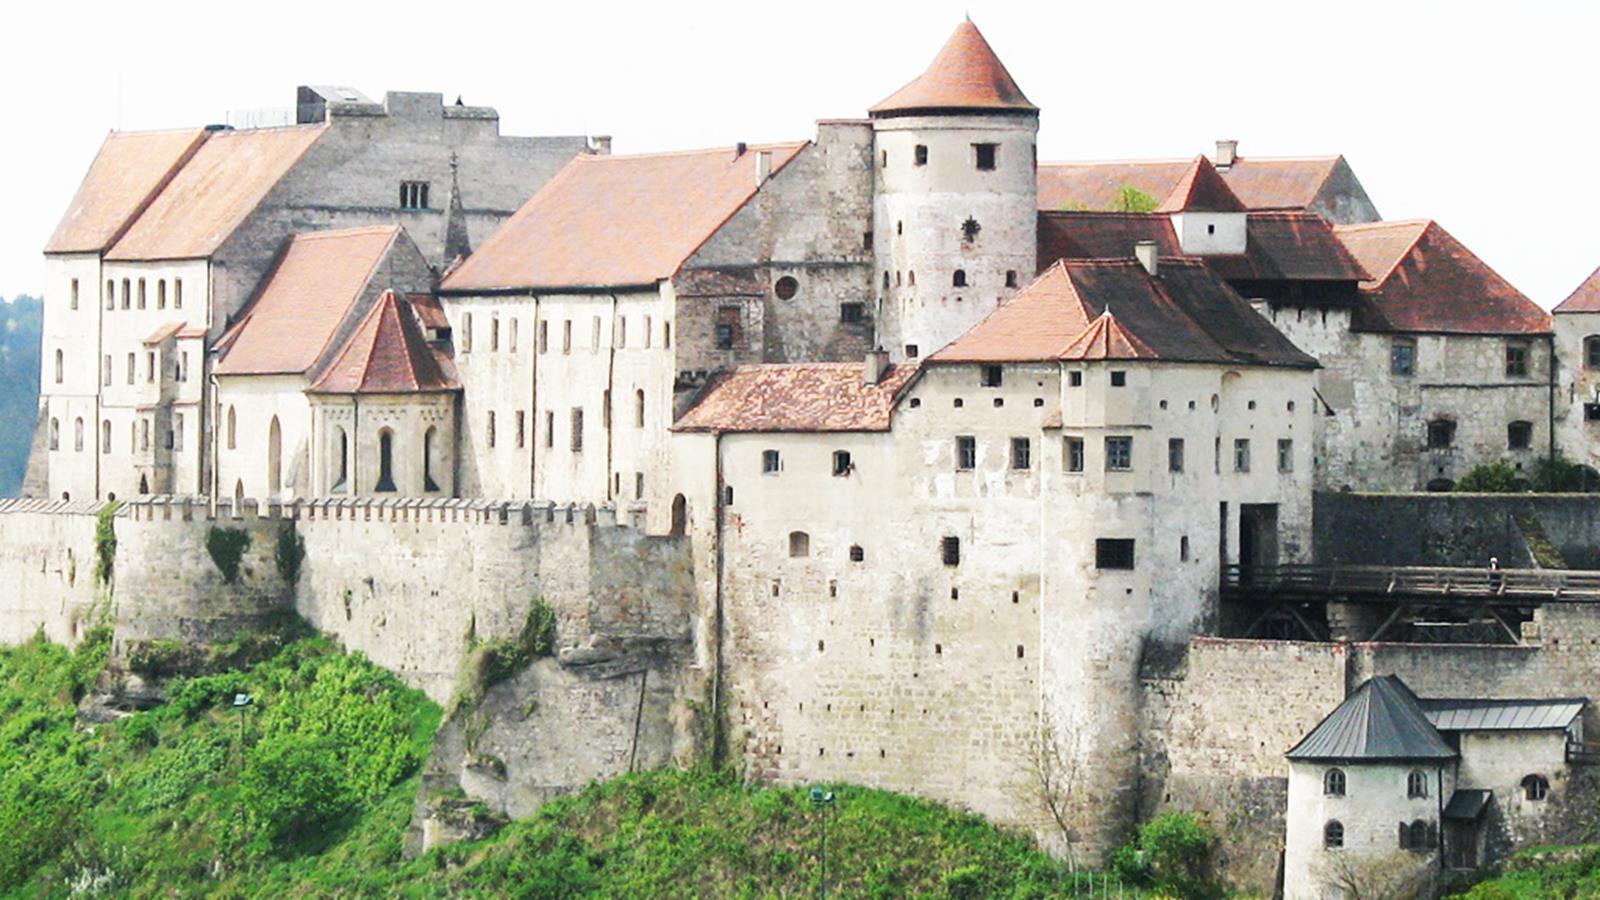 Castle. Credit